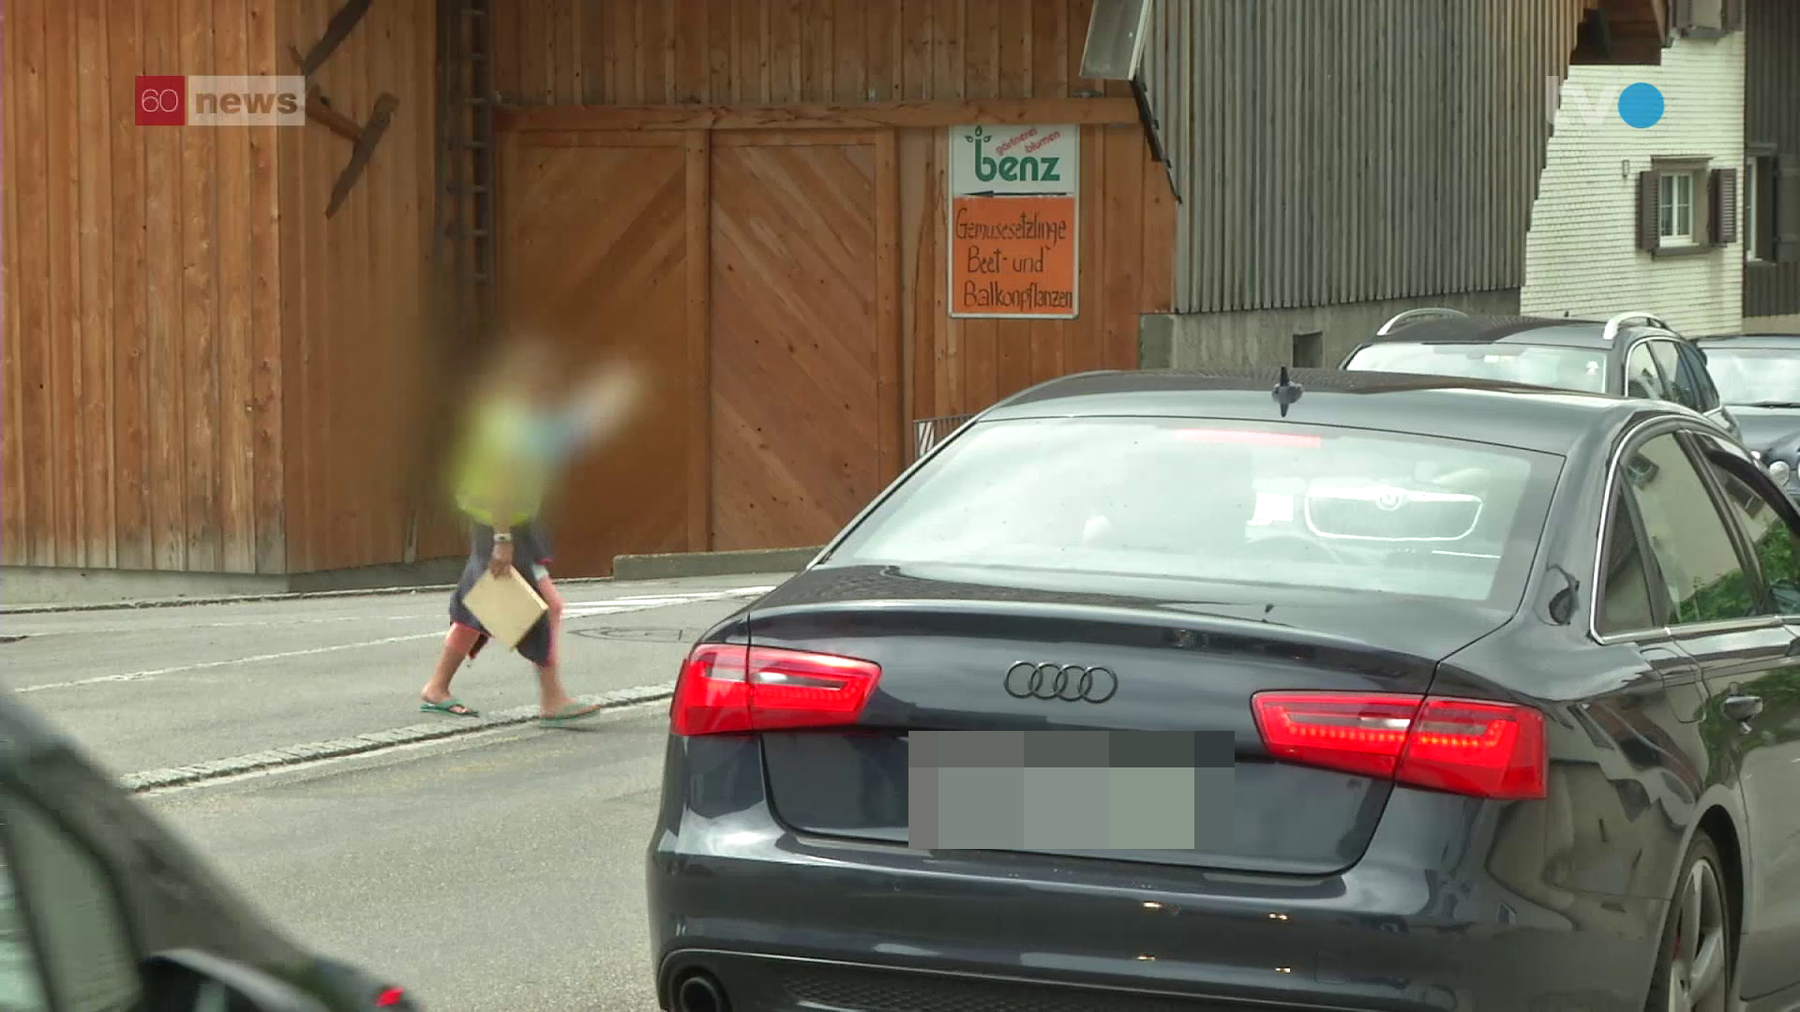 Kinder gehen immer noch über die entfernten Fussgängerstreifen - auch die Autofahrer halten sich mehrheitlich daran. (Bild/TVO Thomas Bartlome)